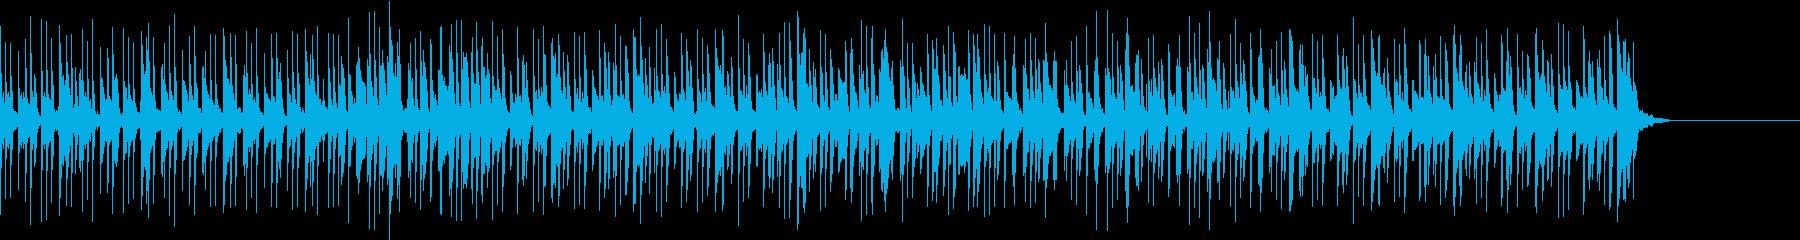 謎解き感/パズル/解説/考察 ポップスの再生済みの波形